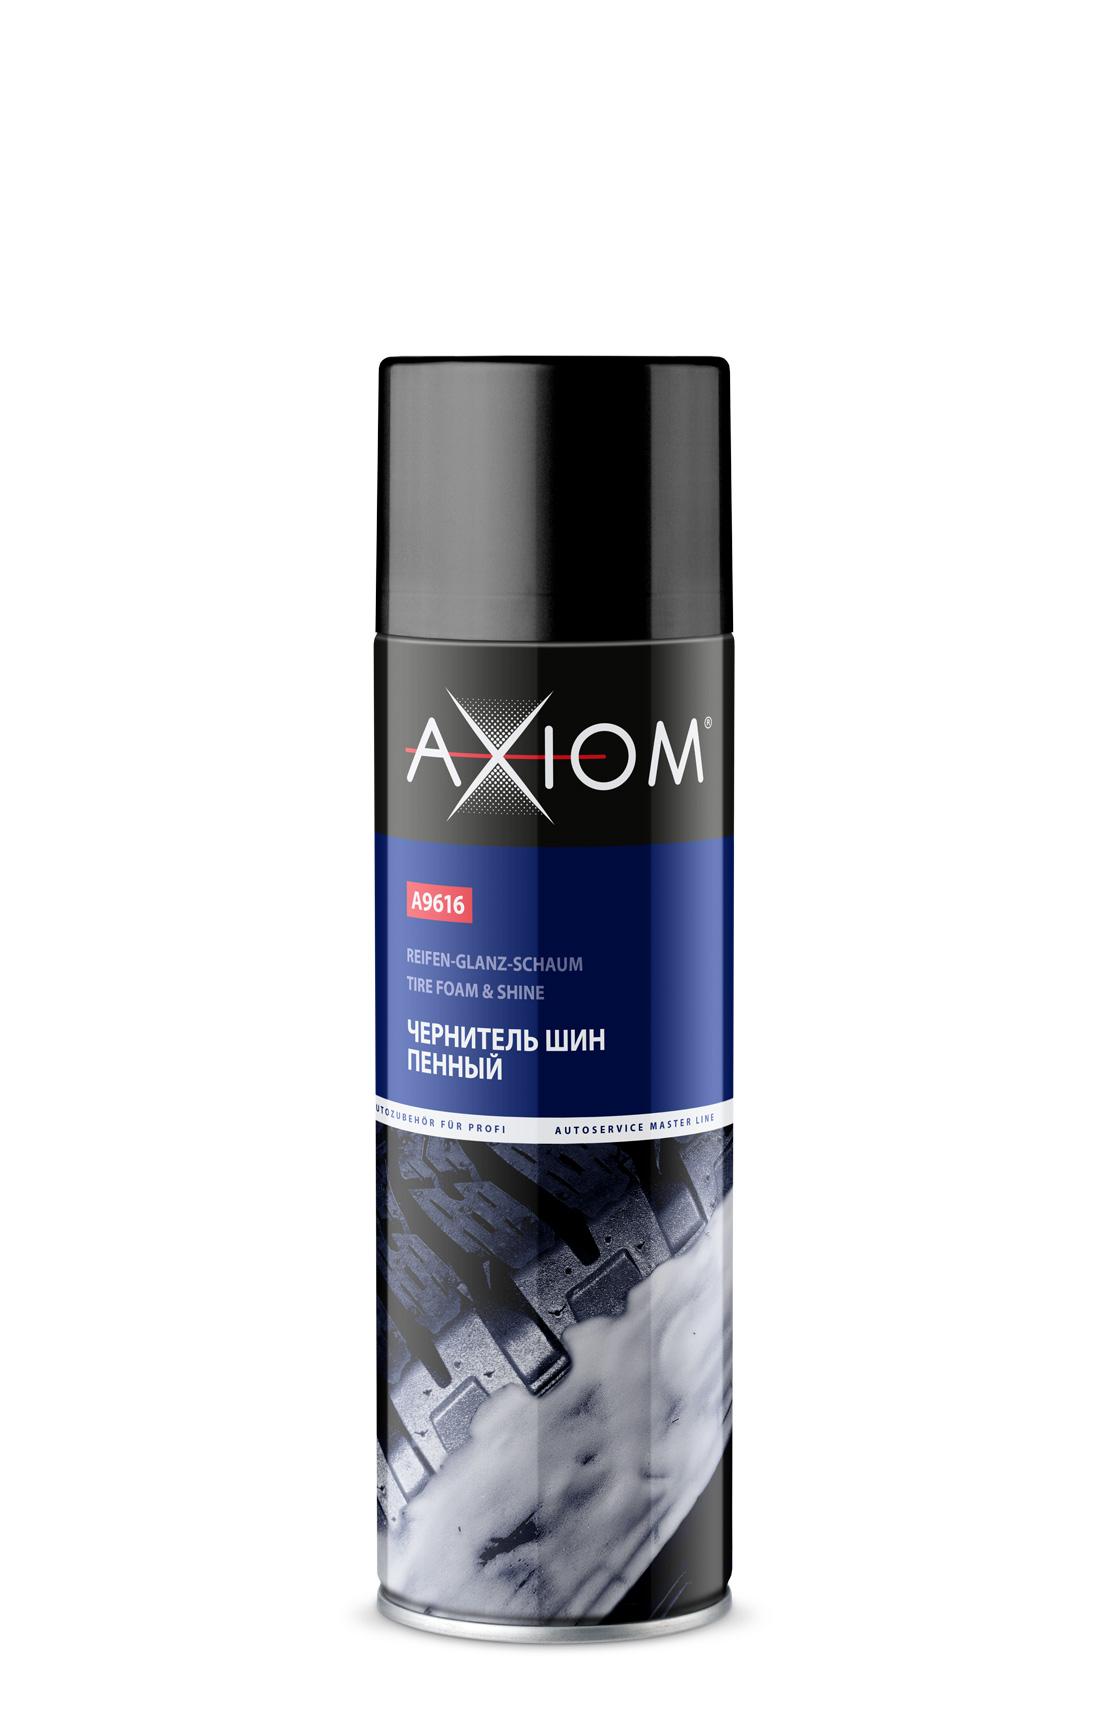 Чернитель шин пенный AXIOM